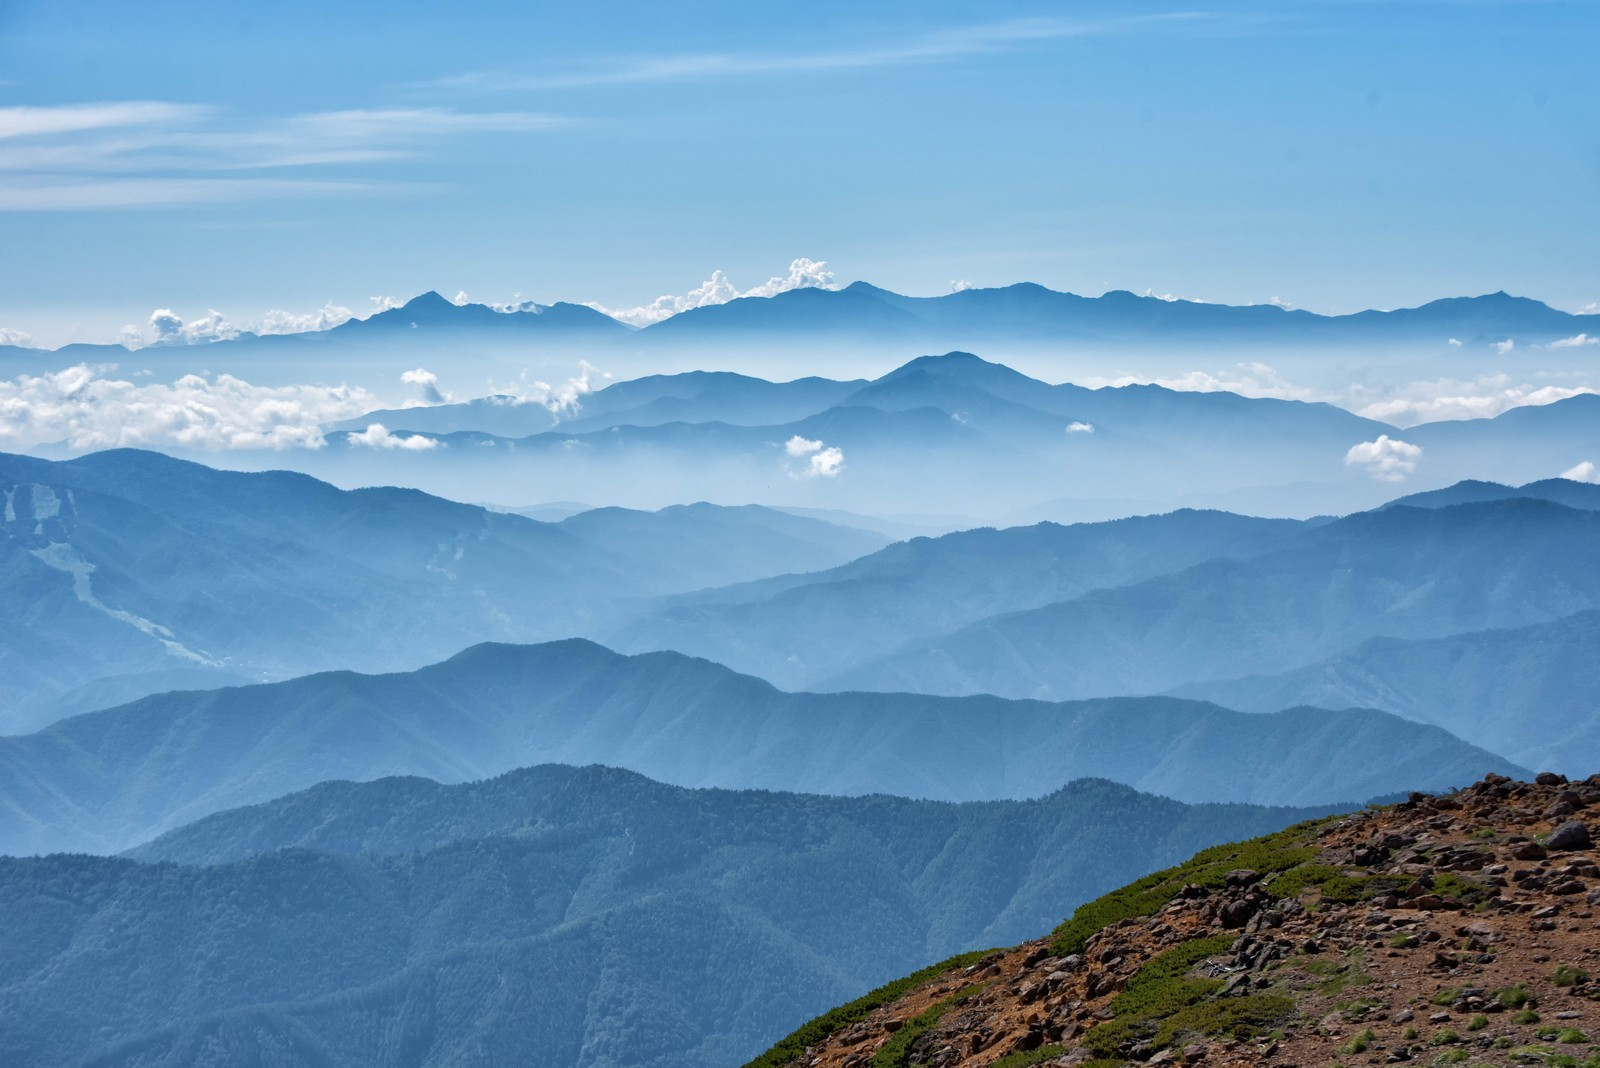 「乗鞍岳山頂の雄大な景色(雲海)」の写真